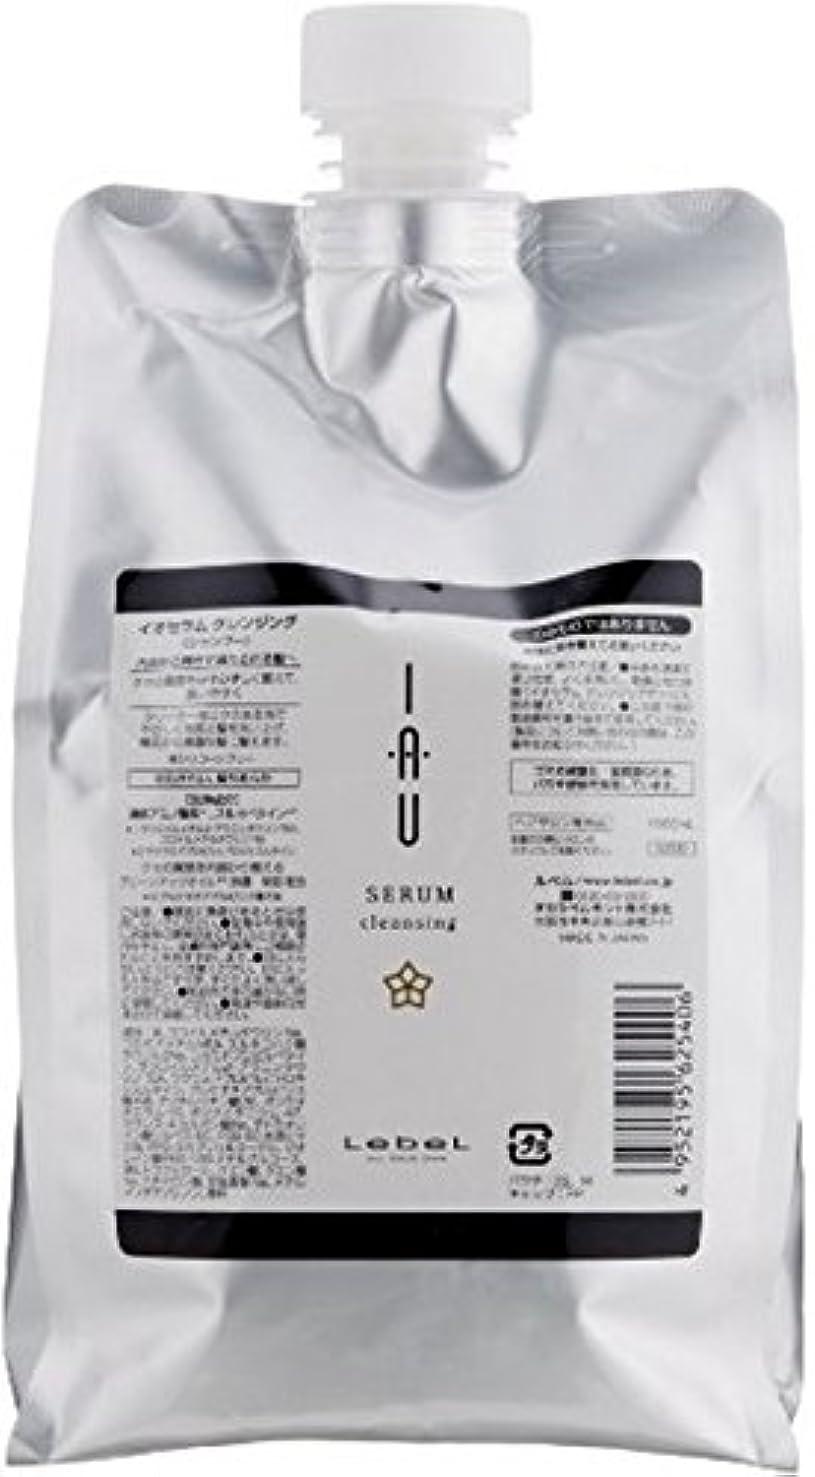 ルベル イオ セラム クレンジング (シャンプー) 【詰め替え用】 1000mL [並行輸入品]